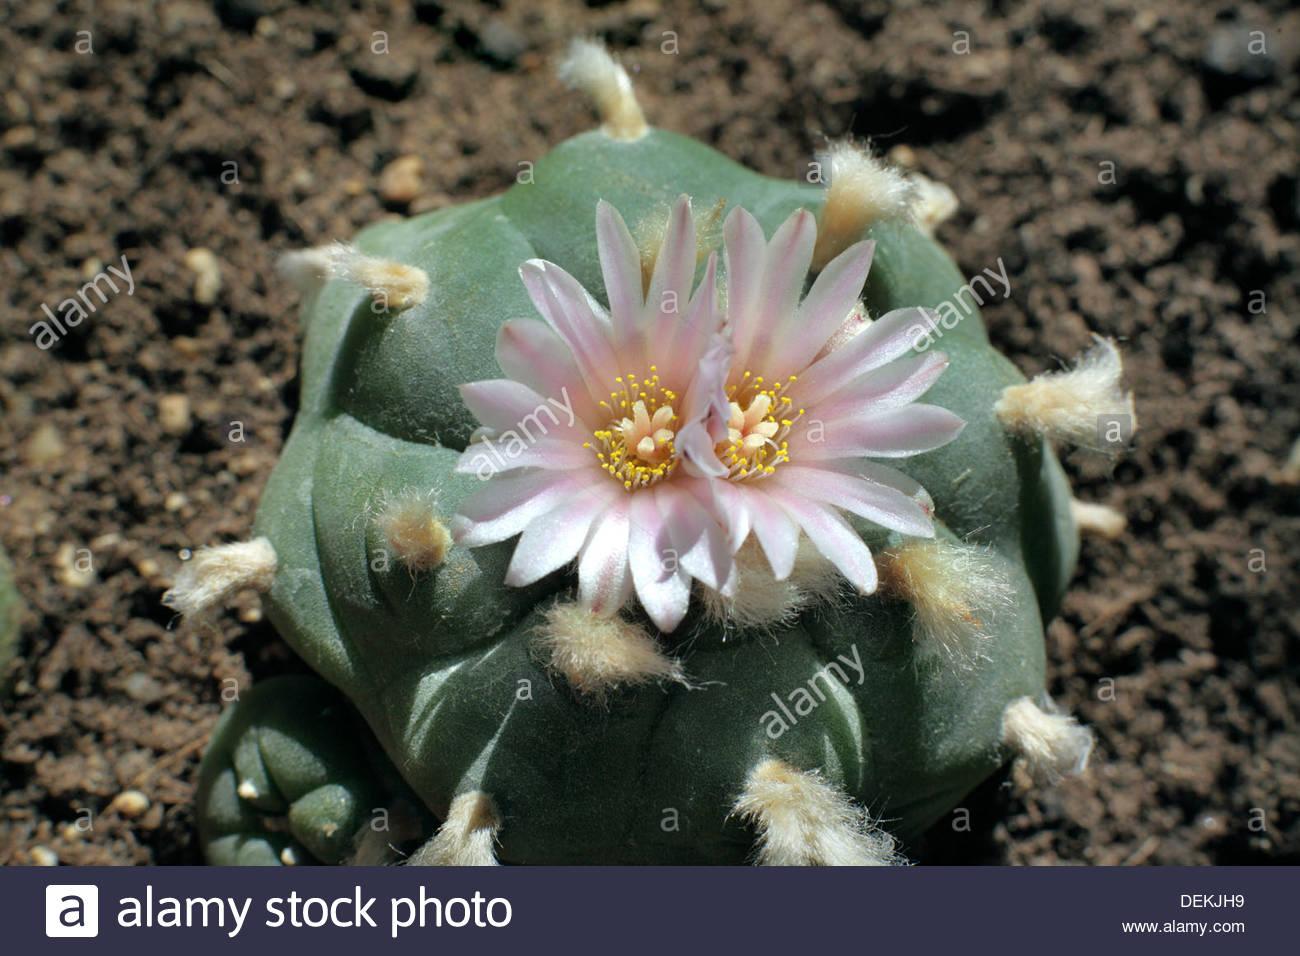 Peyote Cactus Stock Photos Peyote Cactus Stock Images   Alamy 1300x956